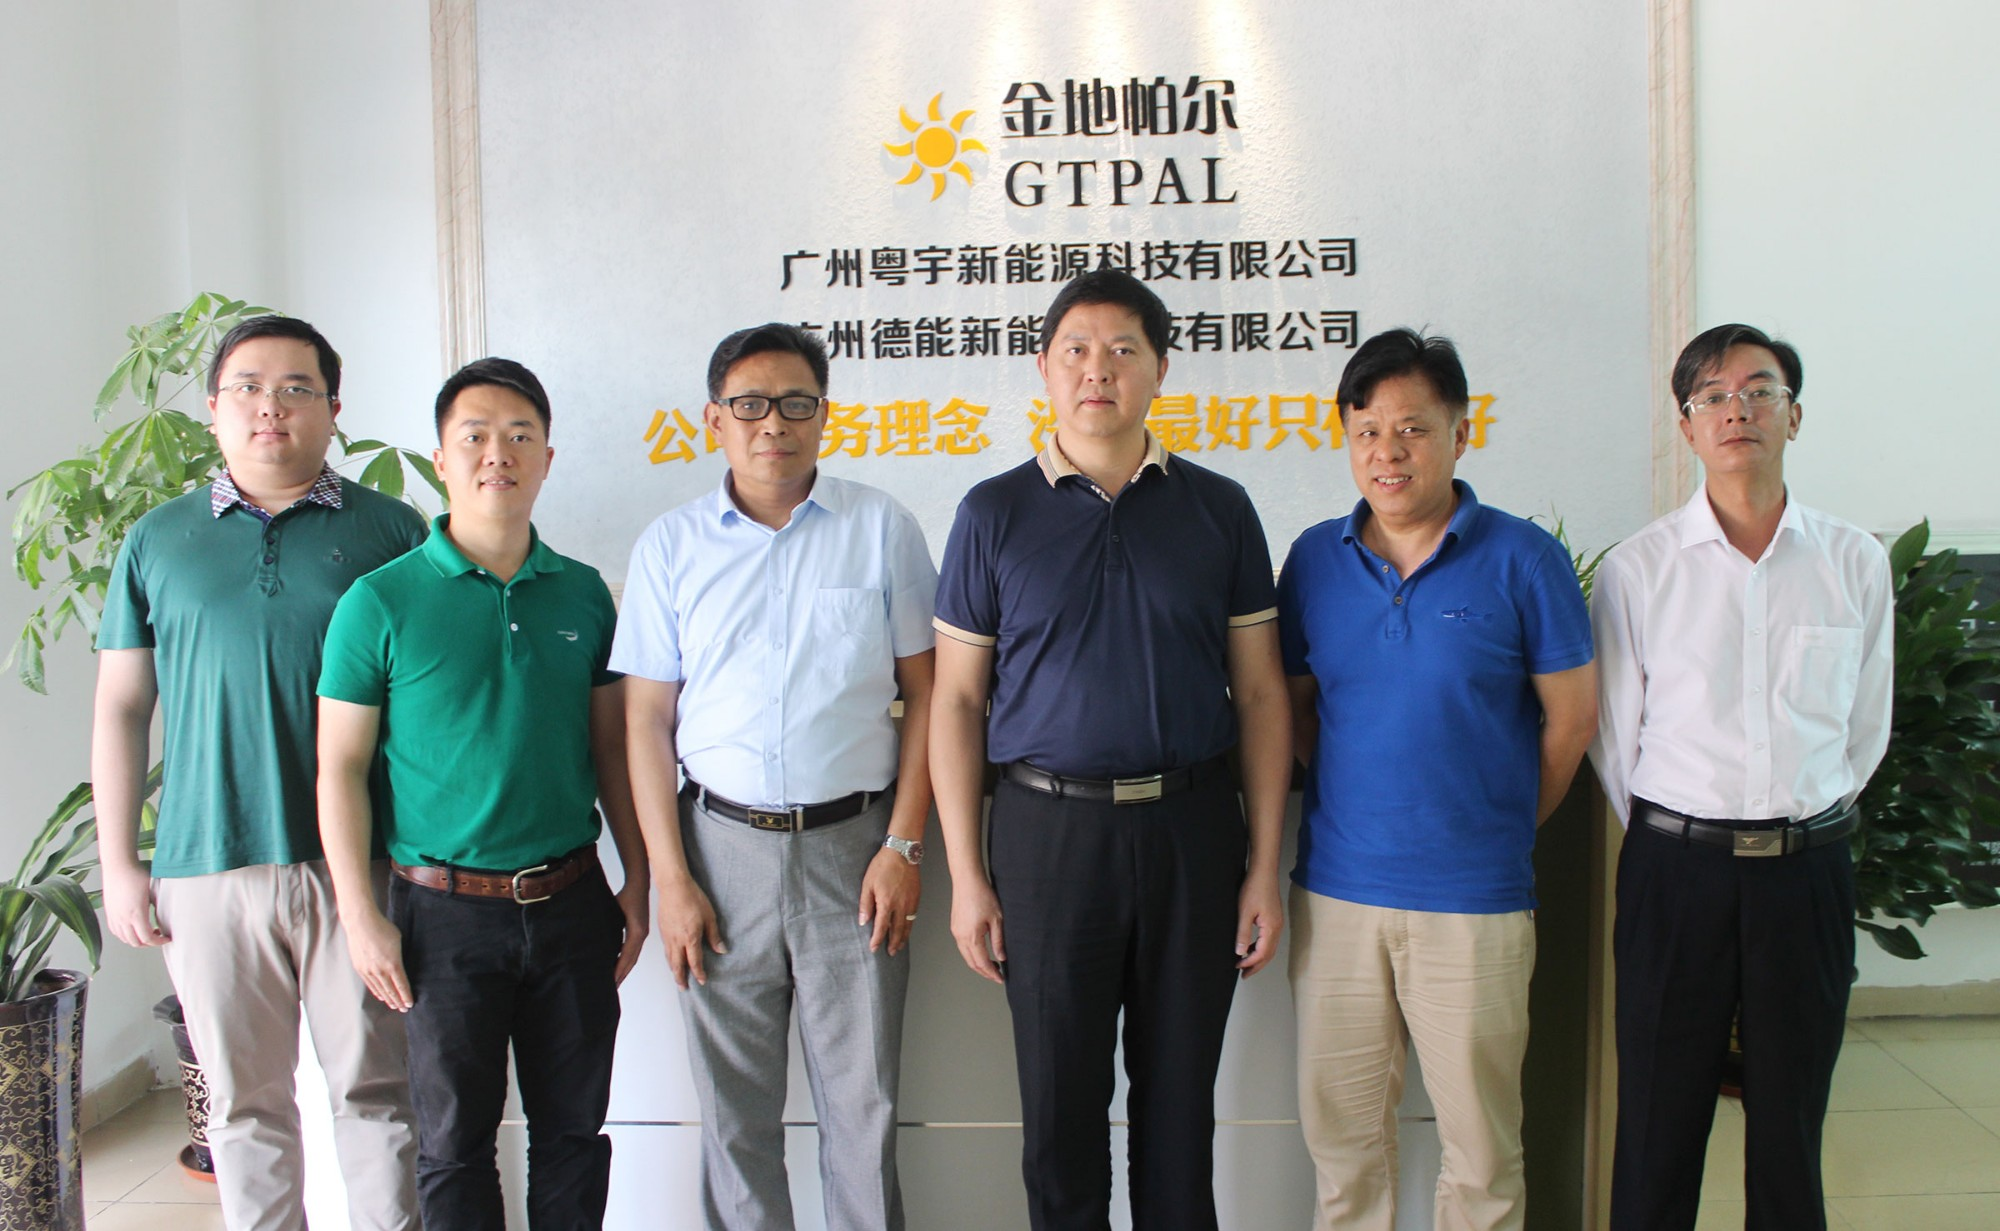 【粵宇資訊】熱烈歡迎廣東省質量技術監督局處長陳權先生一行蒞臨公司指導